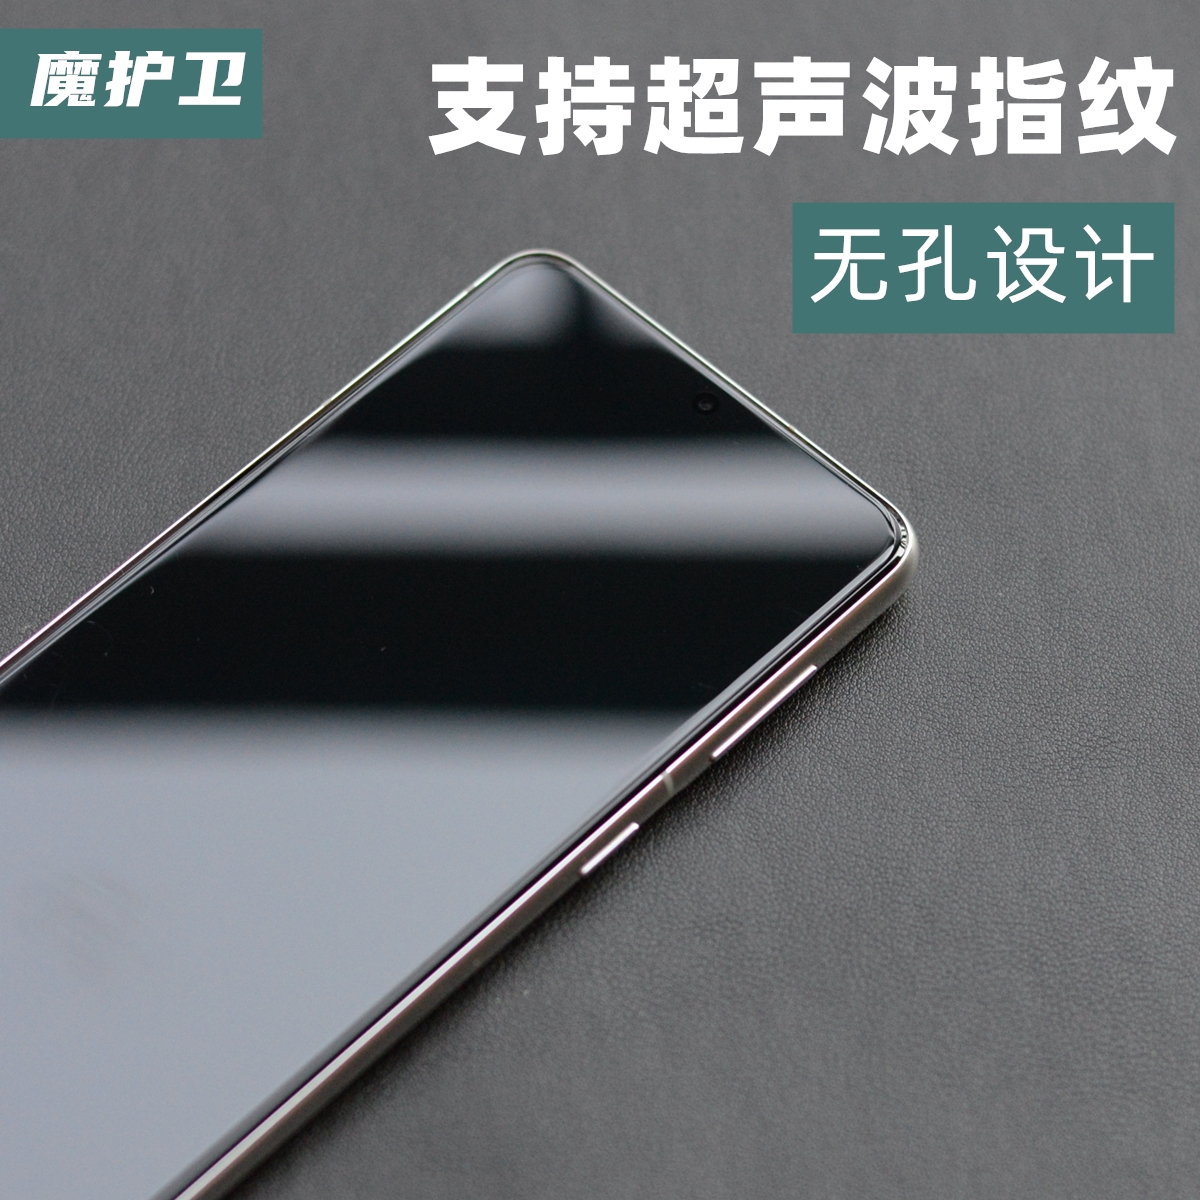 魔护卫 三星S21超薄钢化膜超高清S21+手机膜非全屏覆盖无白边贴膜防指纹解锁透明半屏S20fe